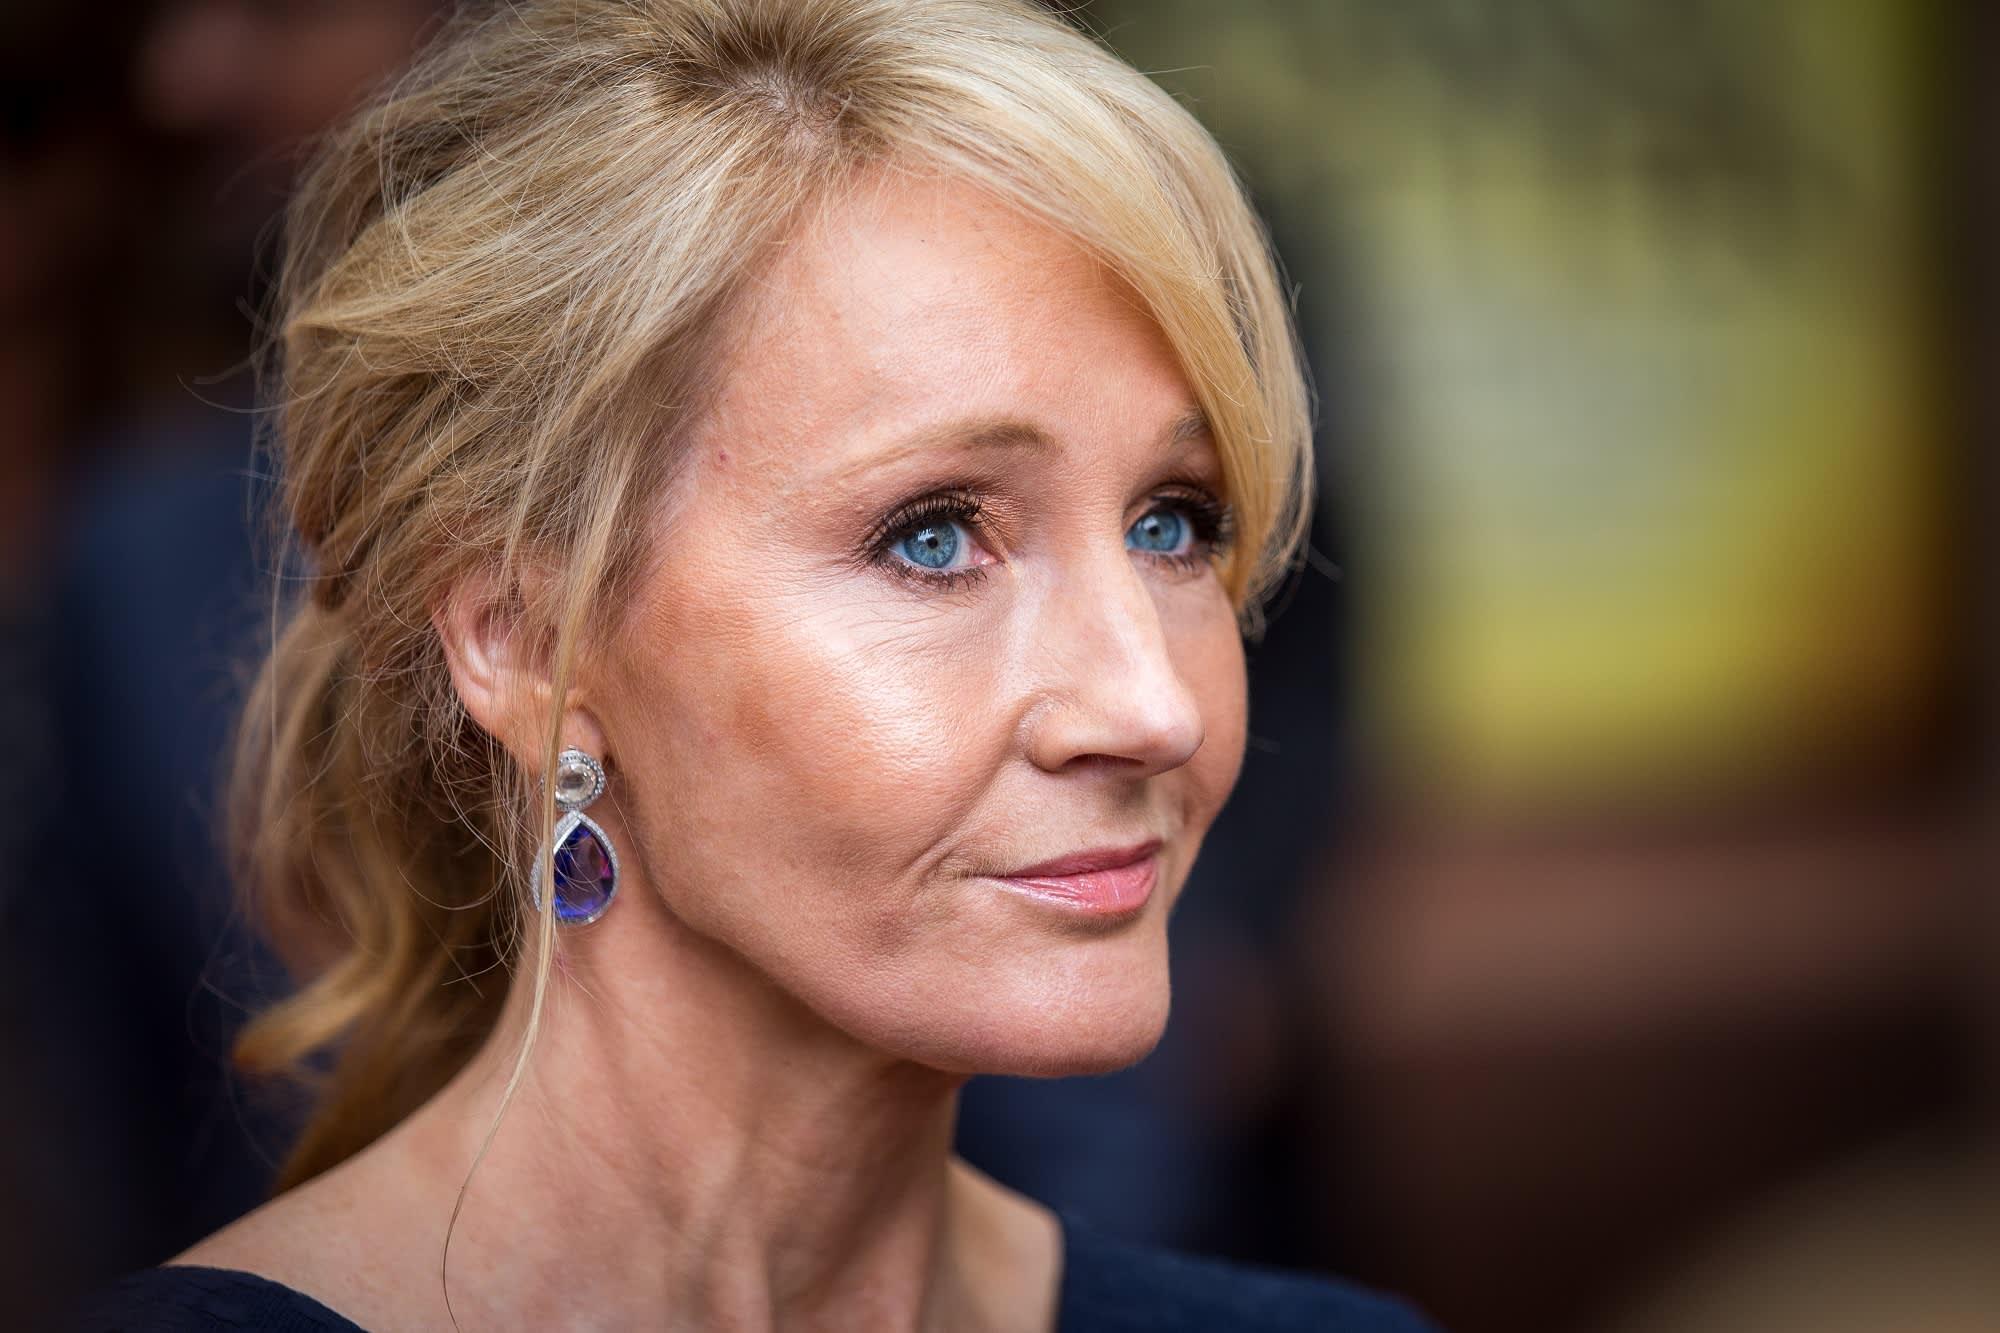 JK Rowling criticizes 'cancel culture' in Harper magazine open letter 146